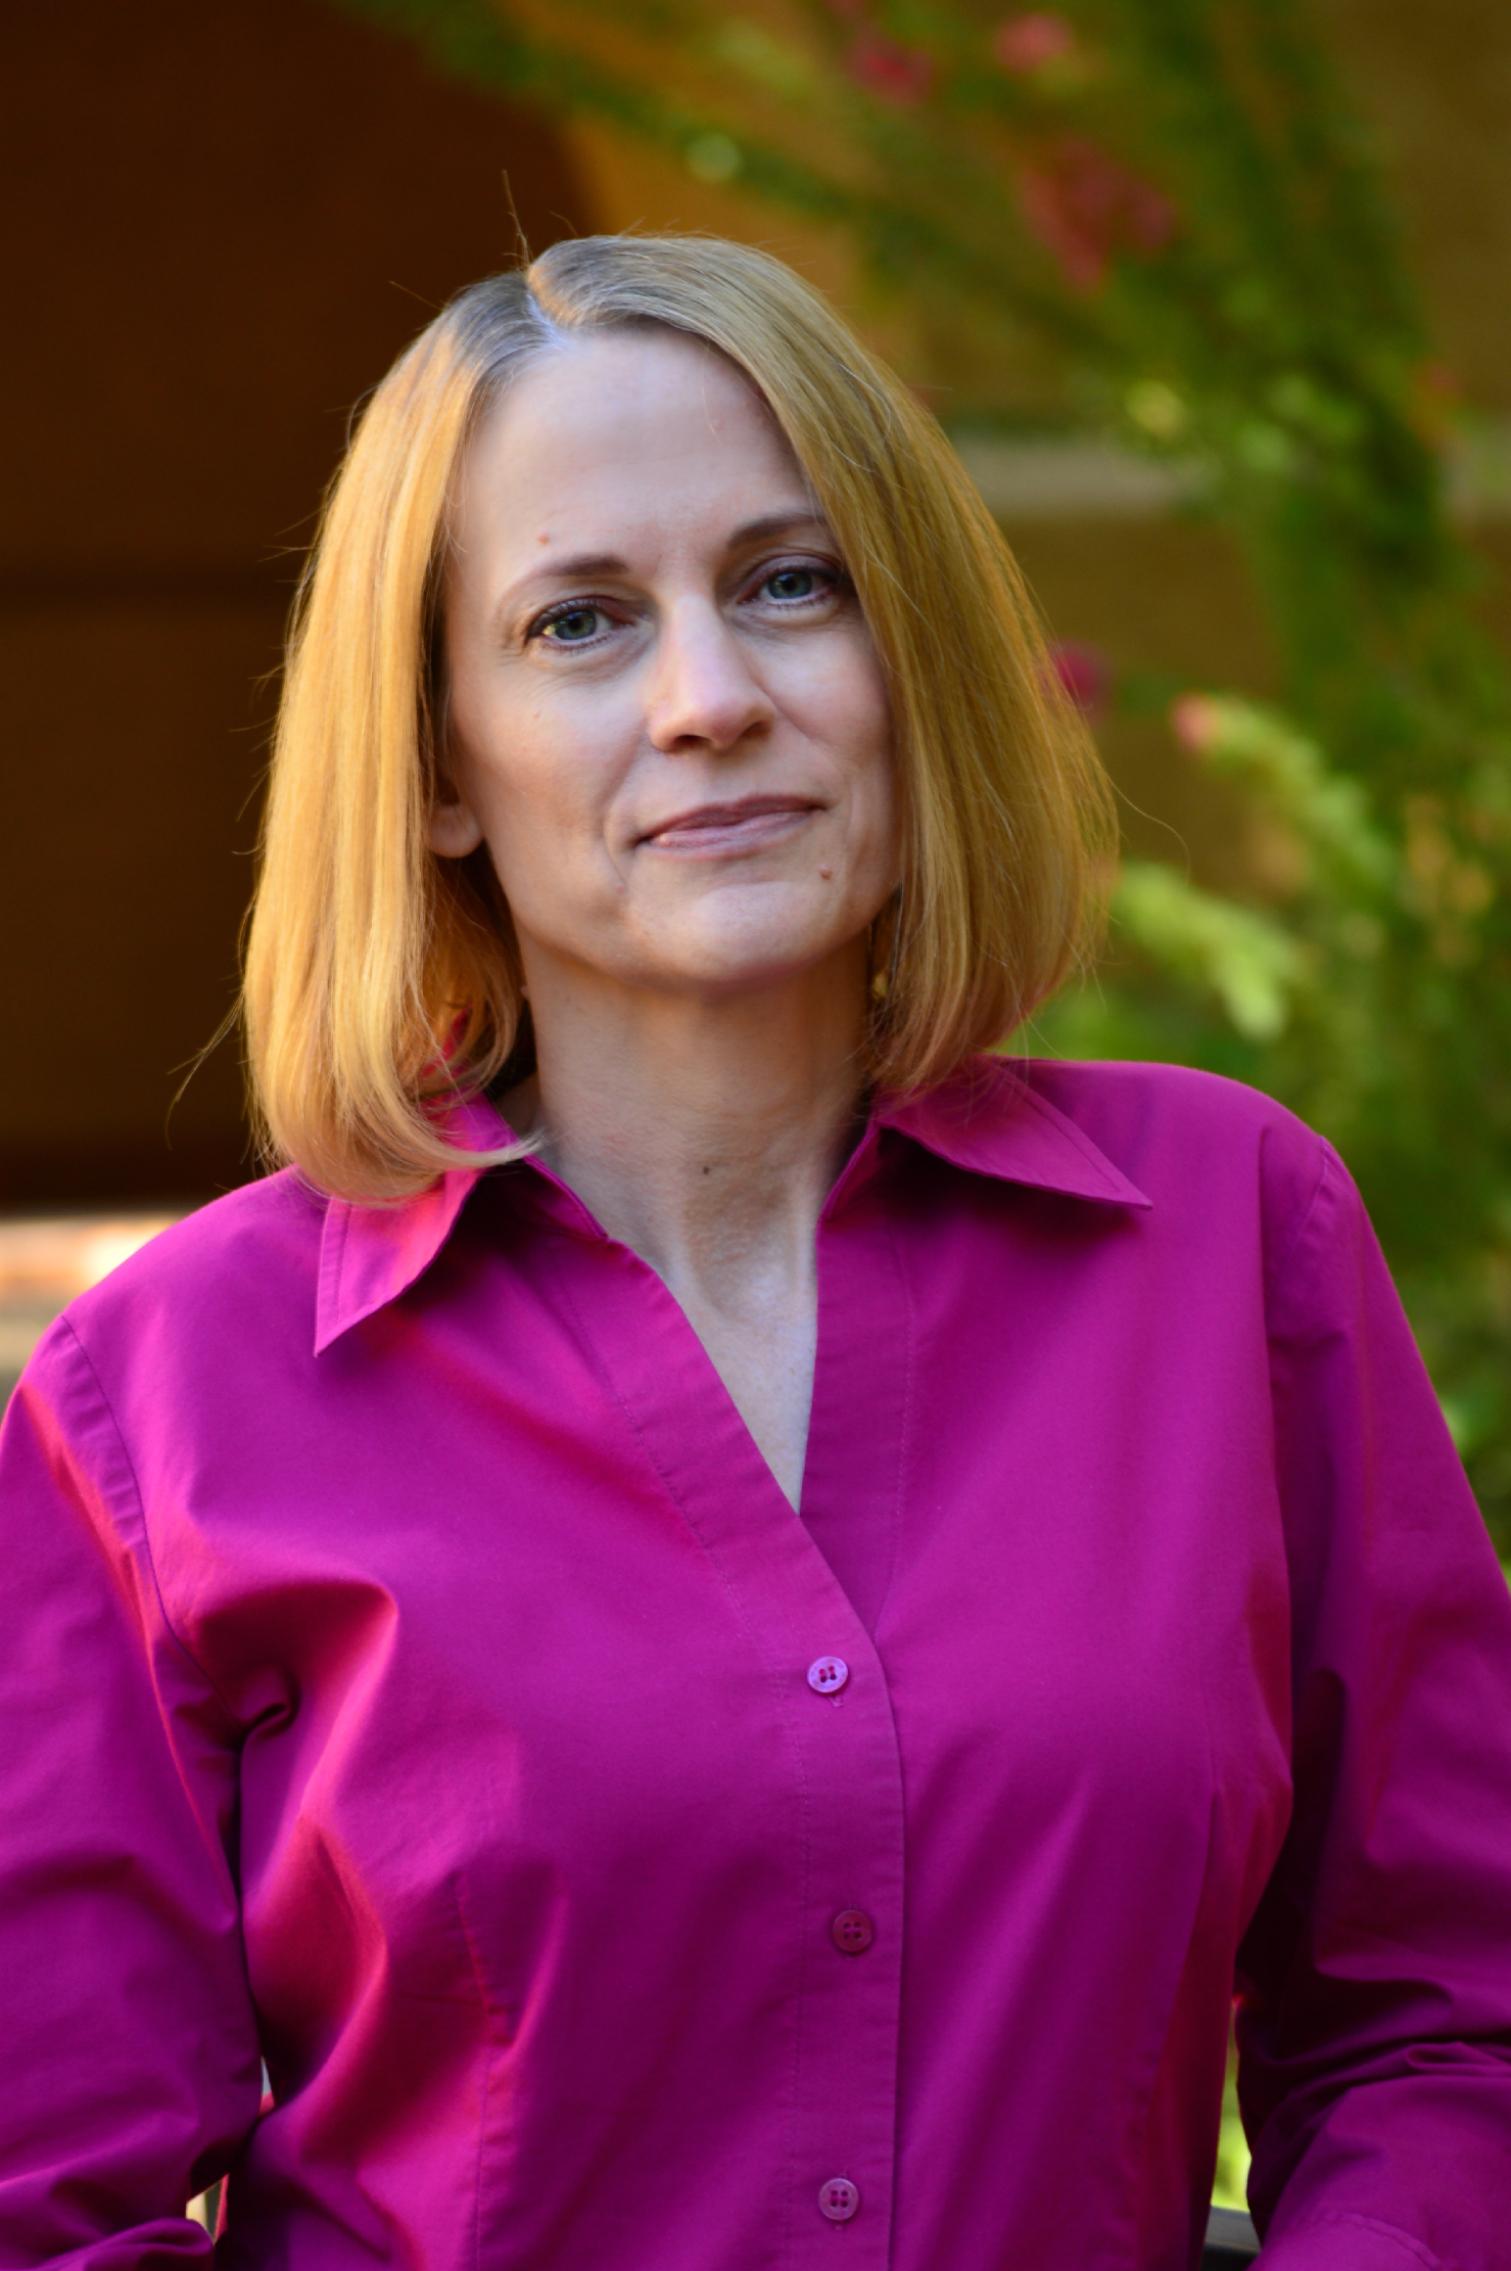 Julie Ruetz